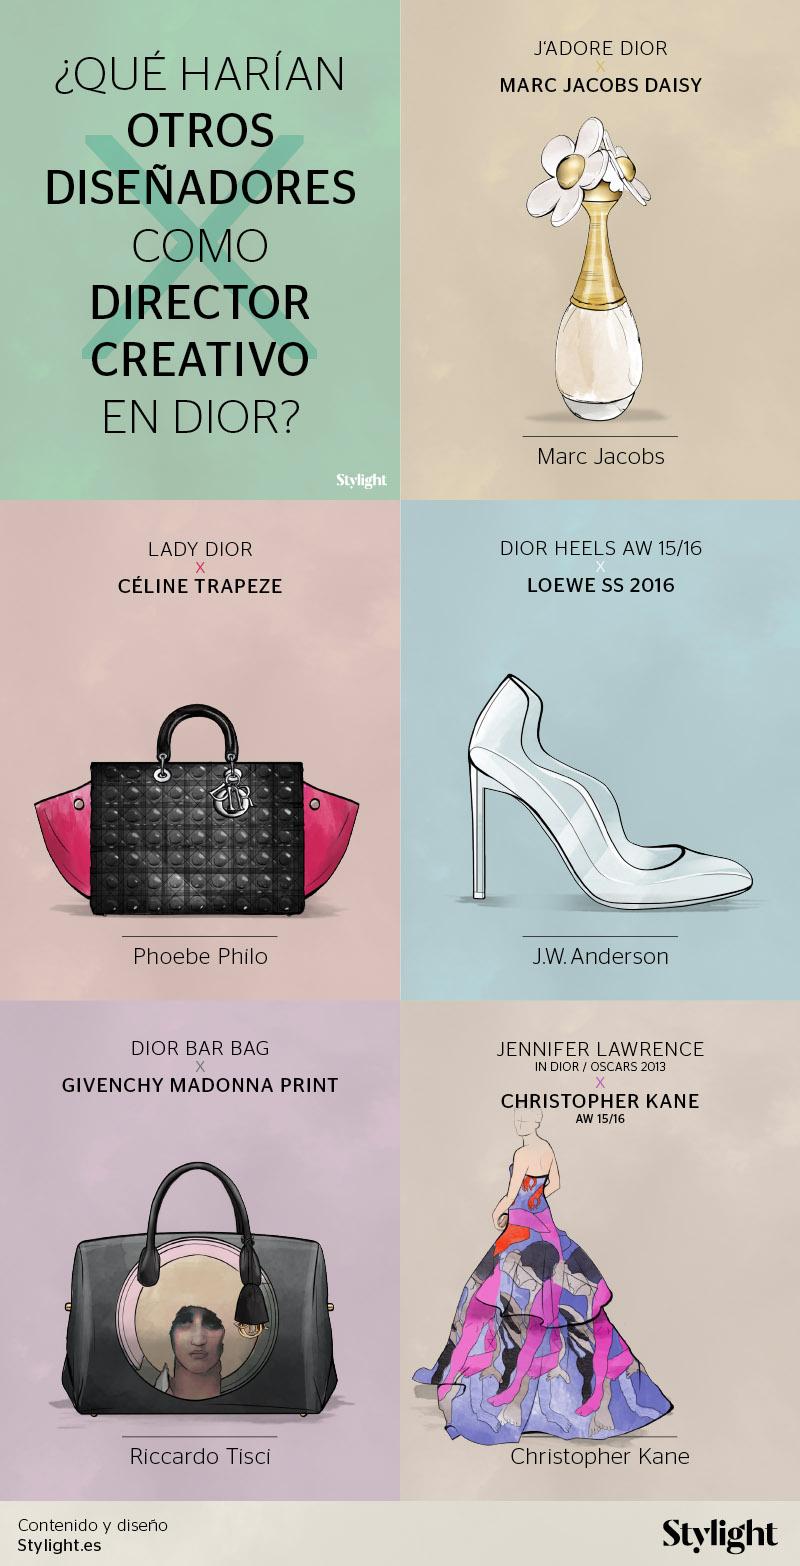 Stylight-Directores-creativos-Dior1